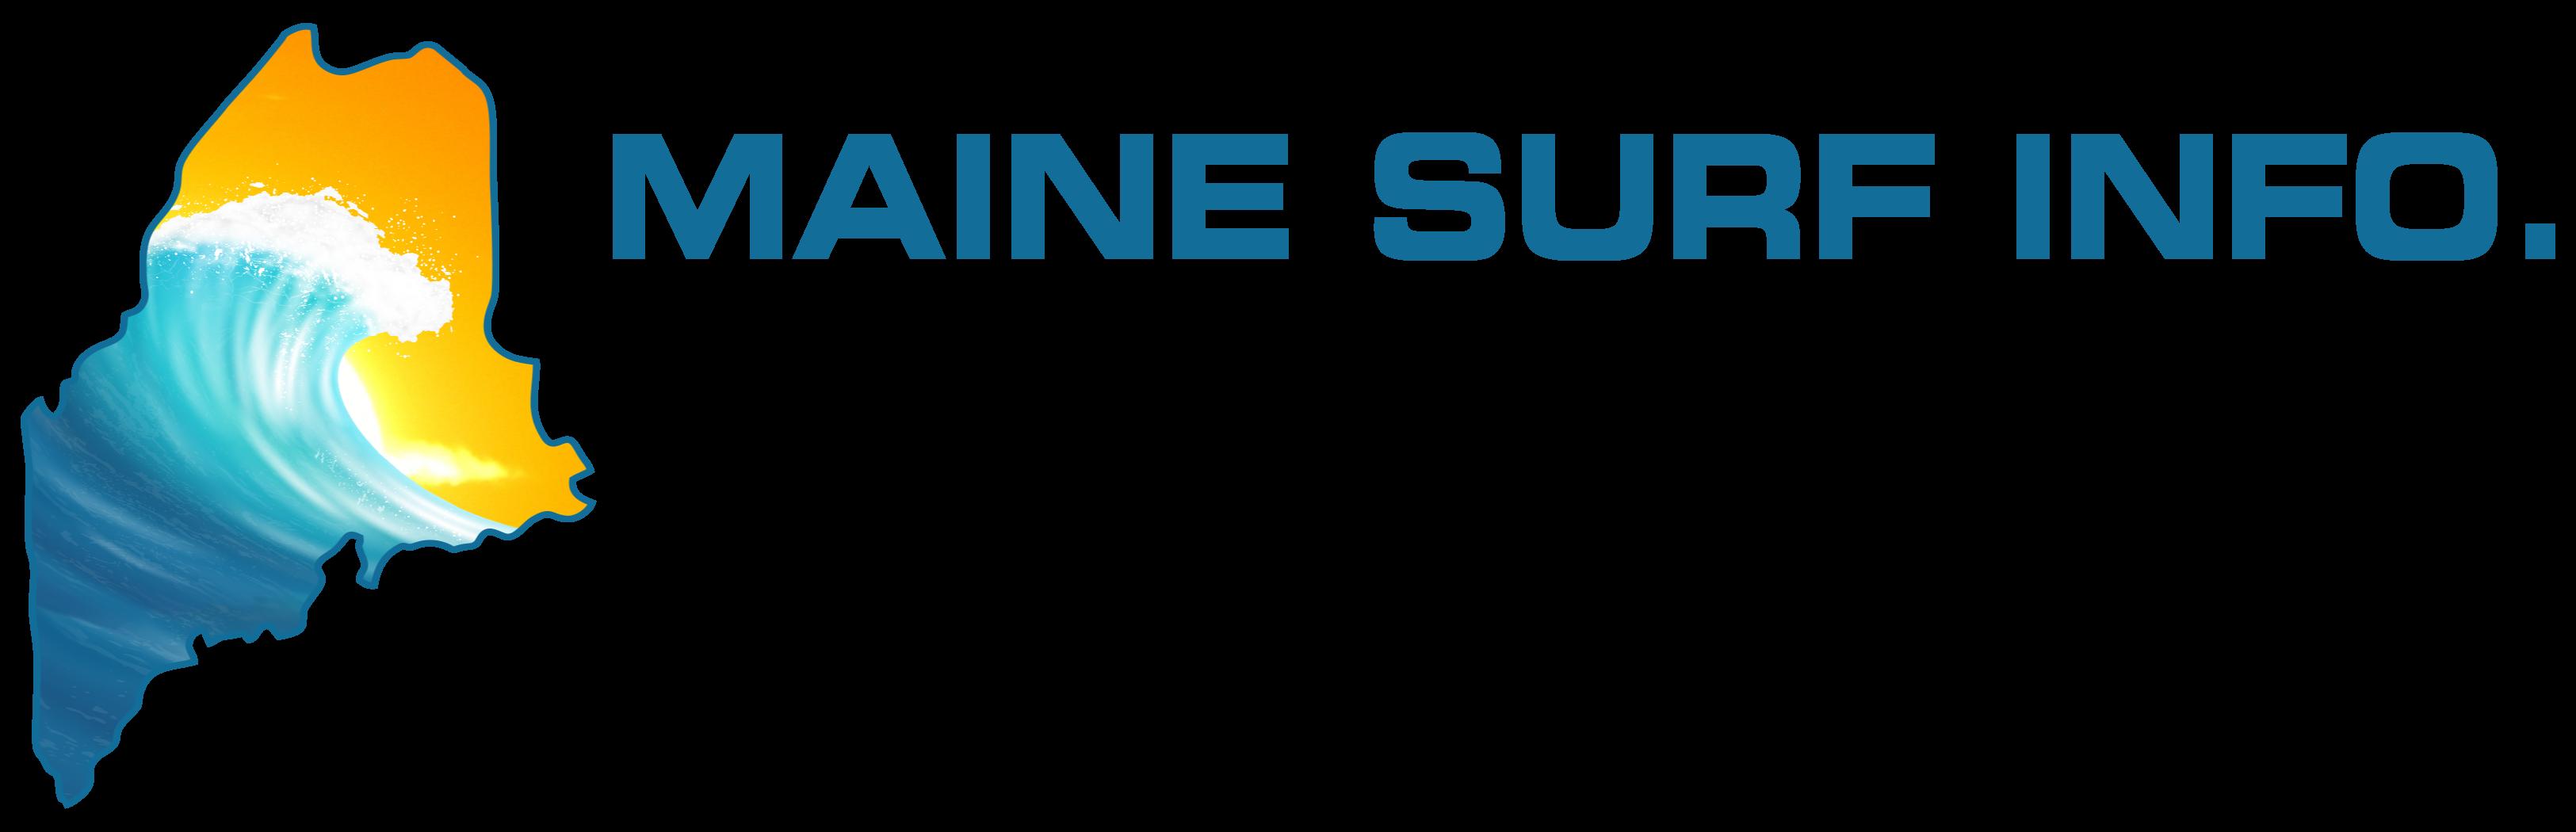 Maine Surf Info